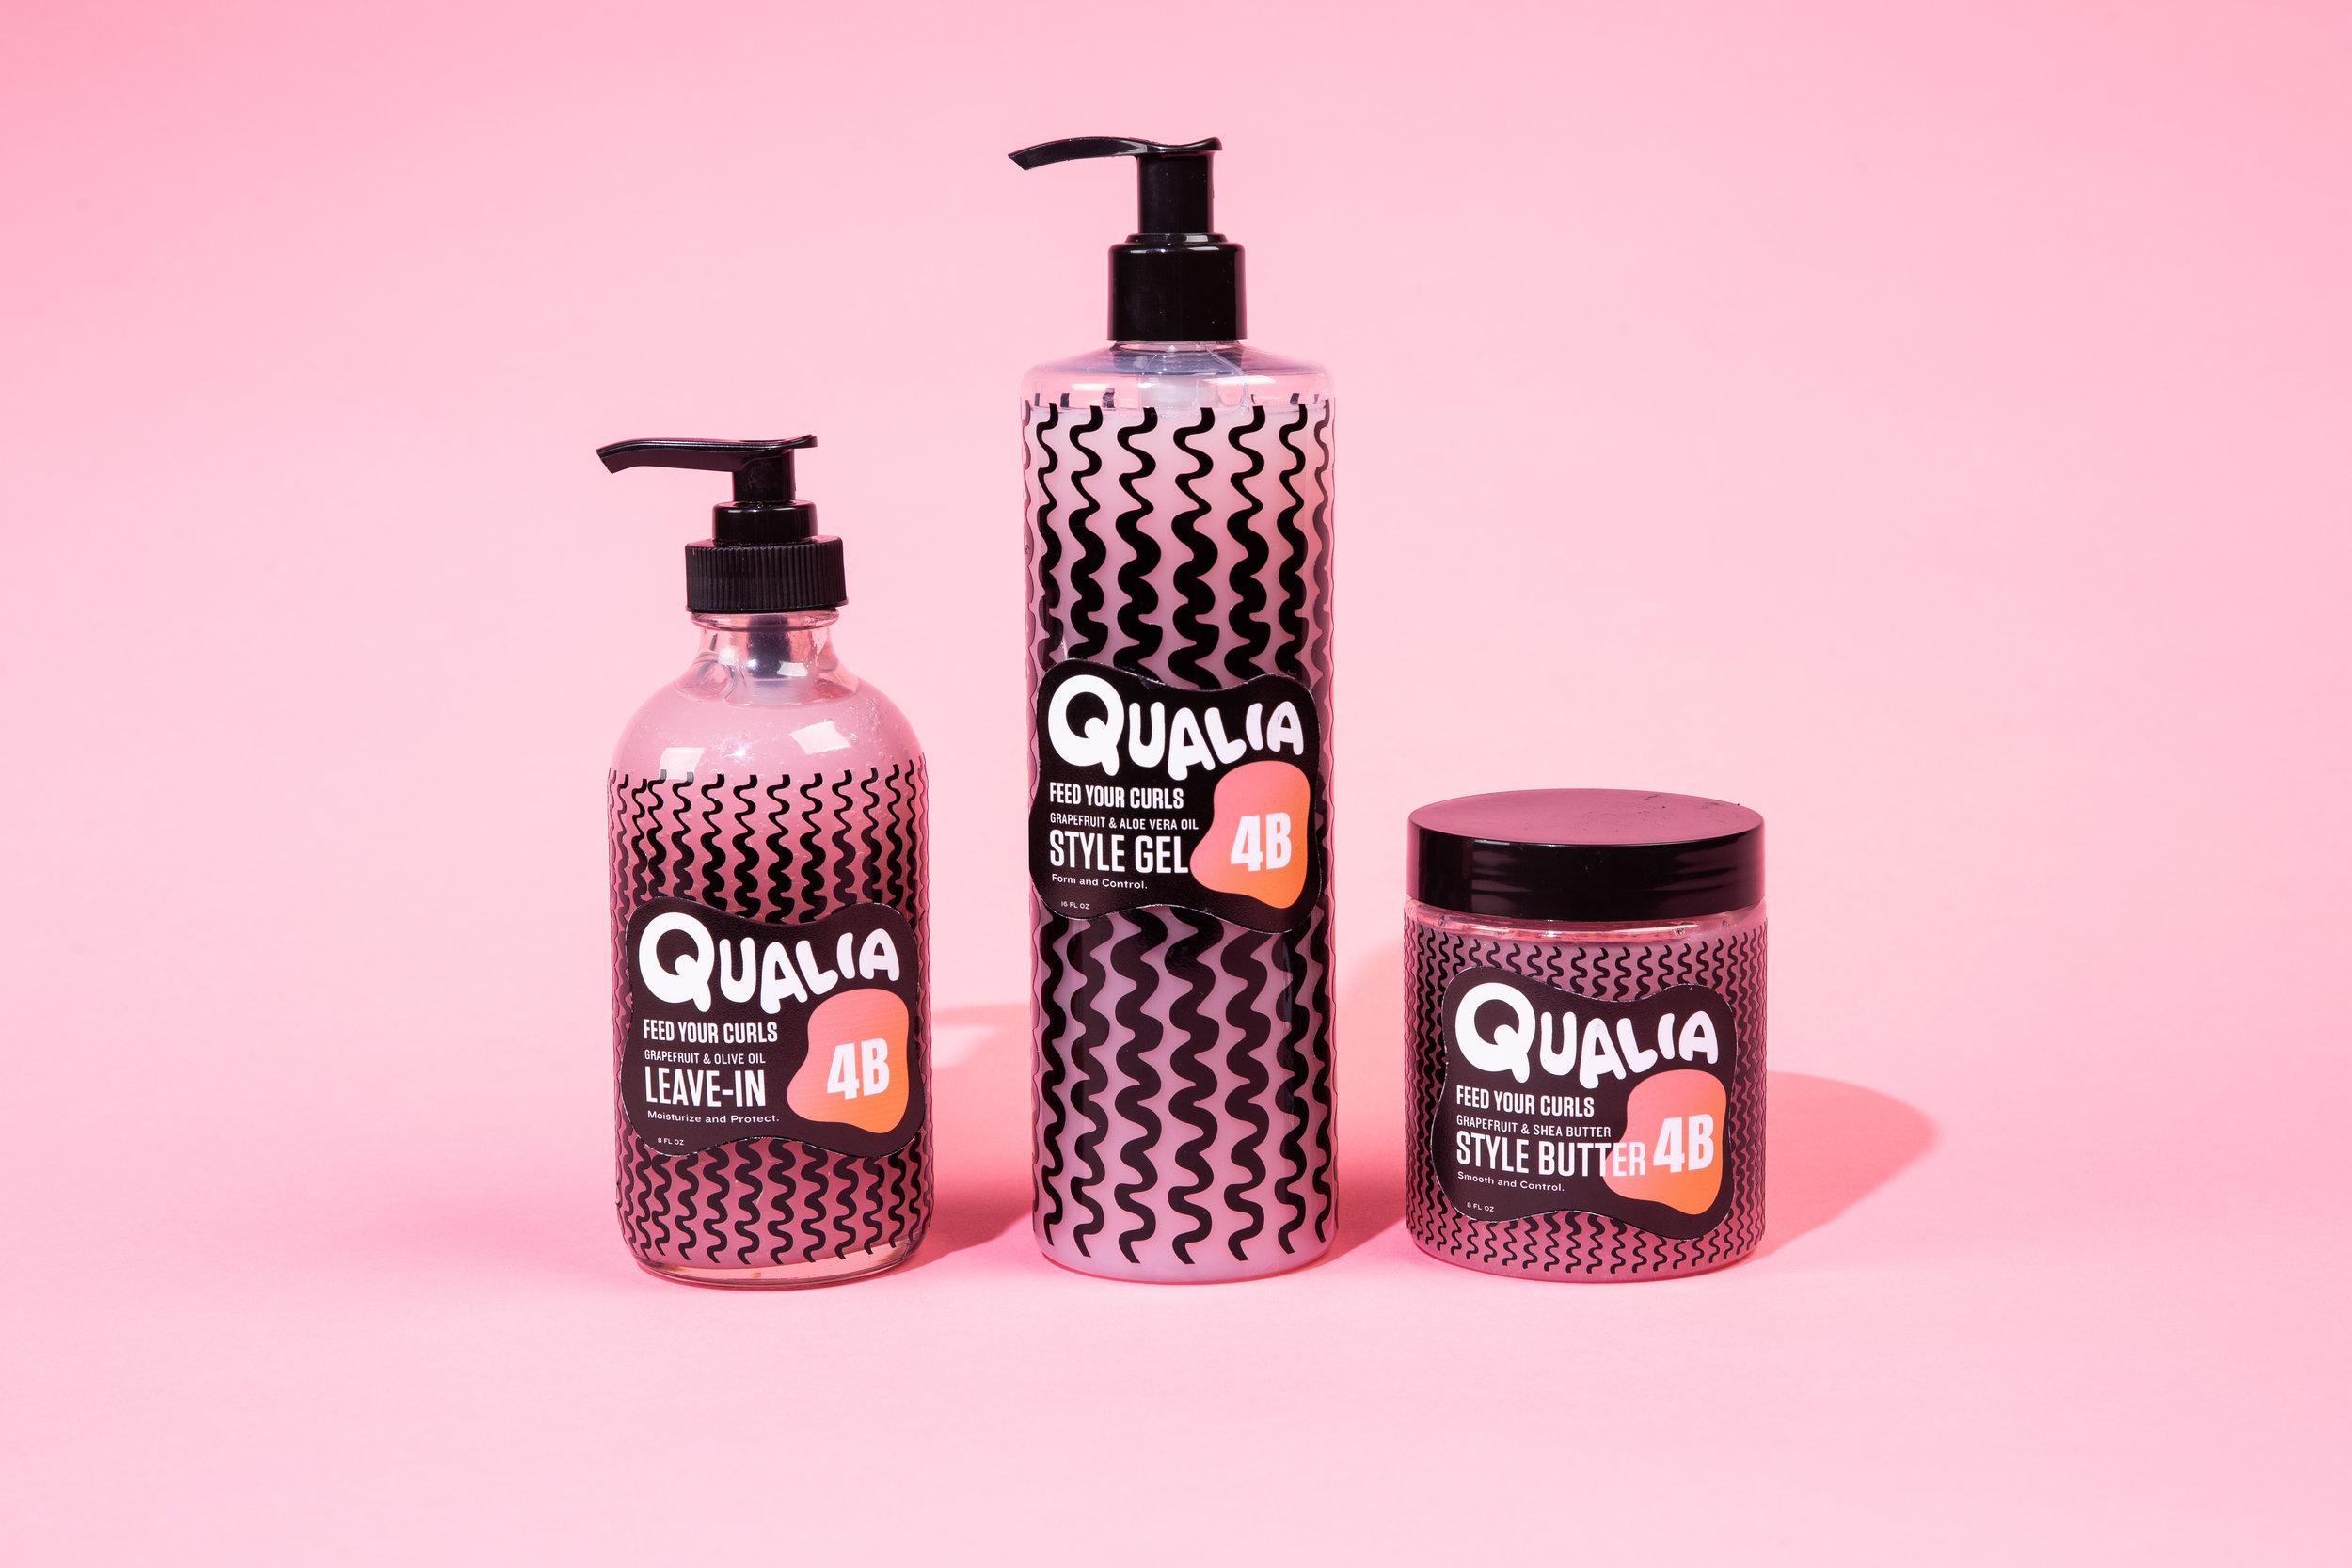 Qualia-3361.jpg